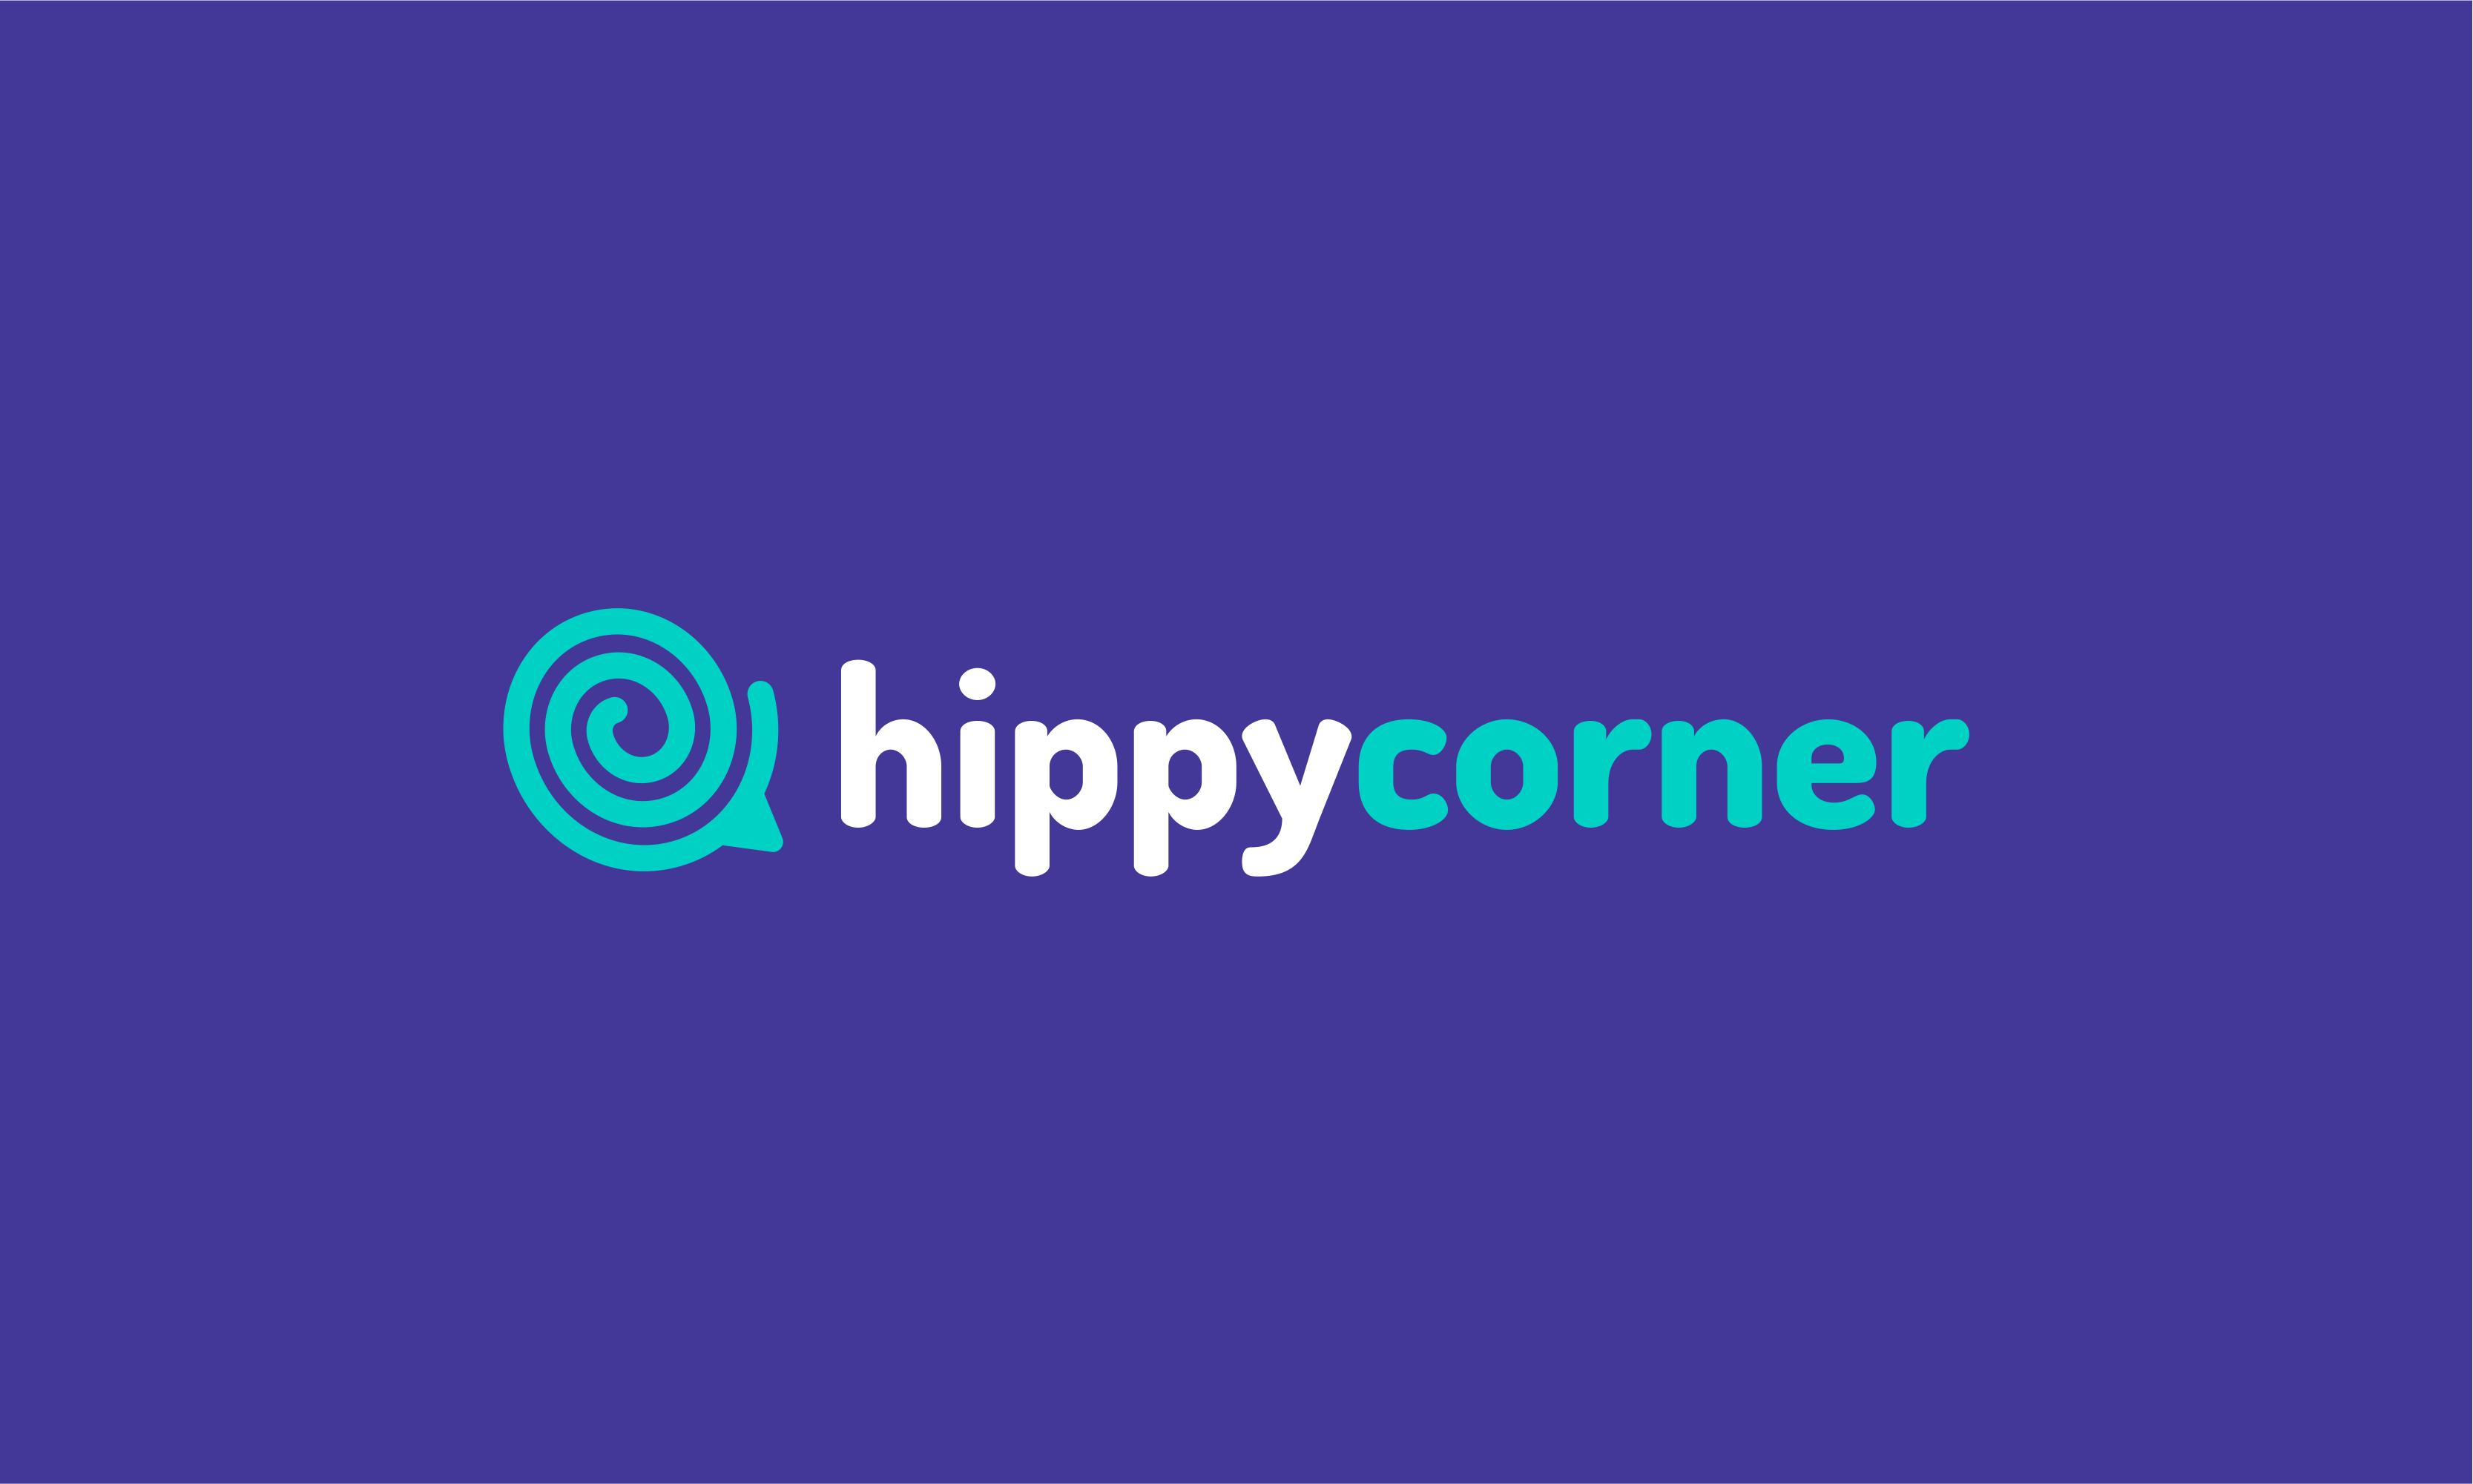 Hippycorner